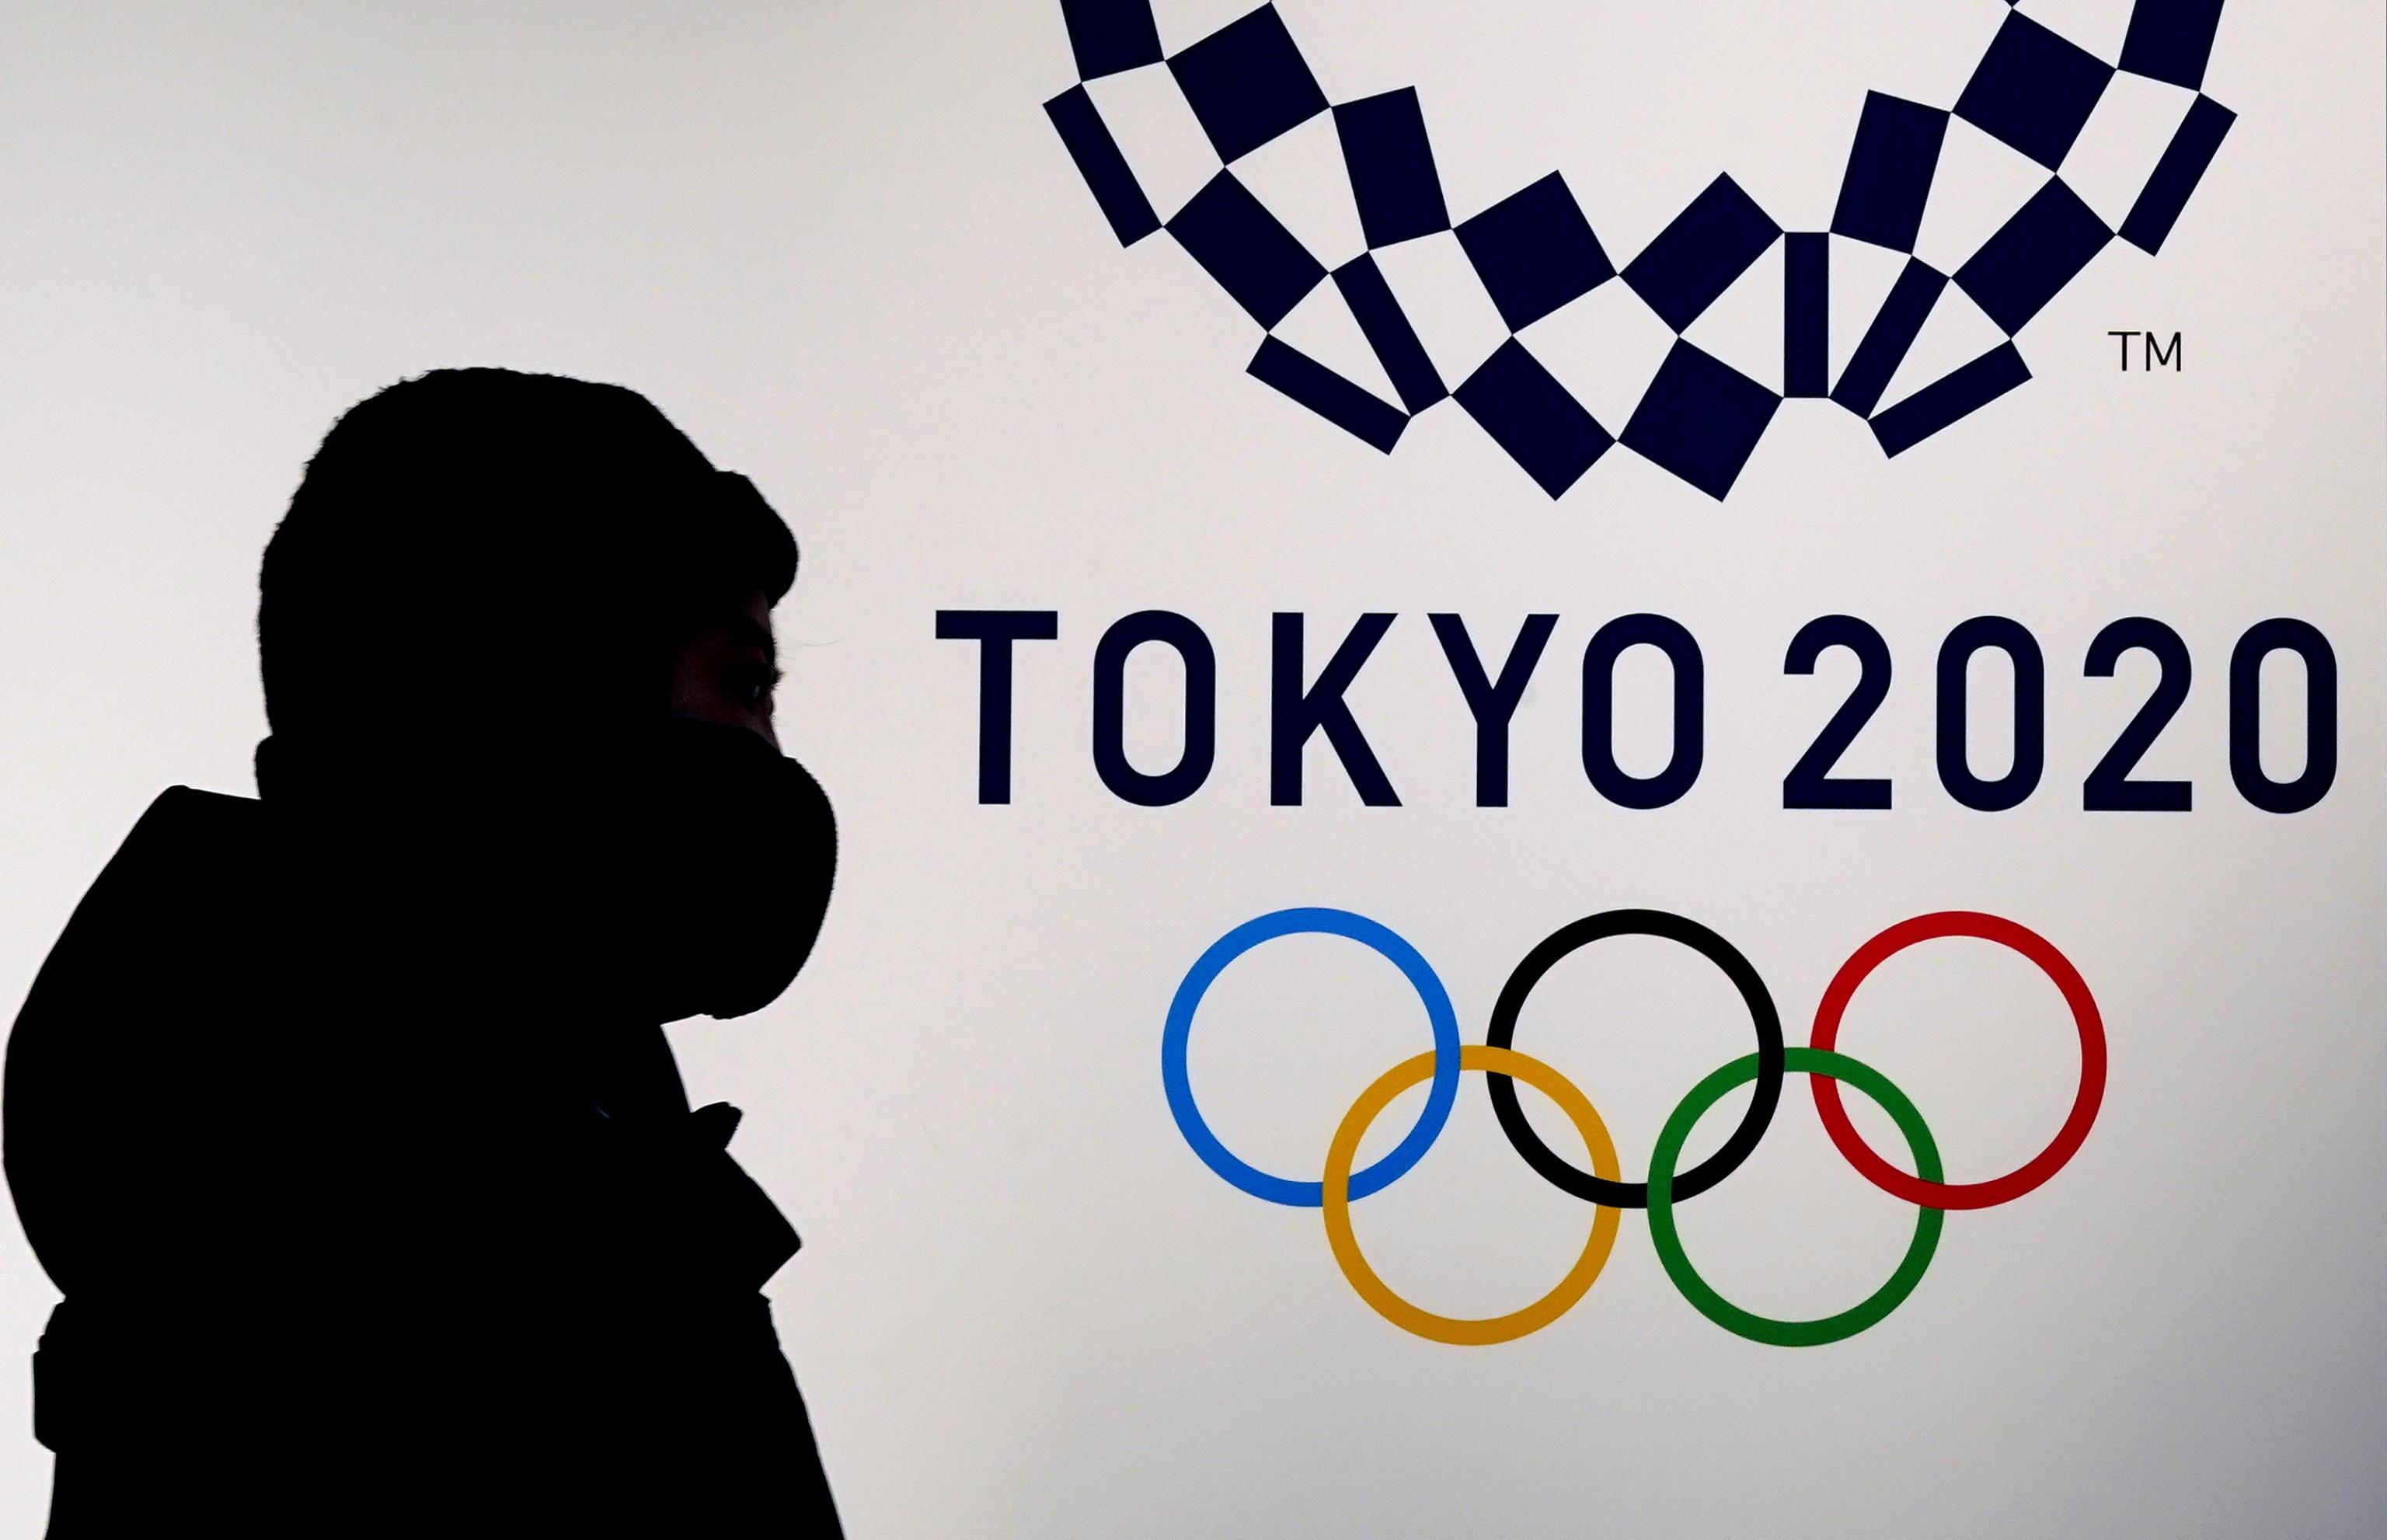 «Vogliono annullare le Olimpiadi», la voce del Times smentita dal Giappone. Perché ora Tokyo 2020 rischia di saltare davvero